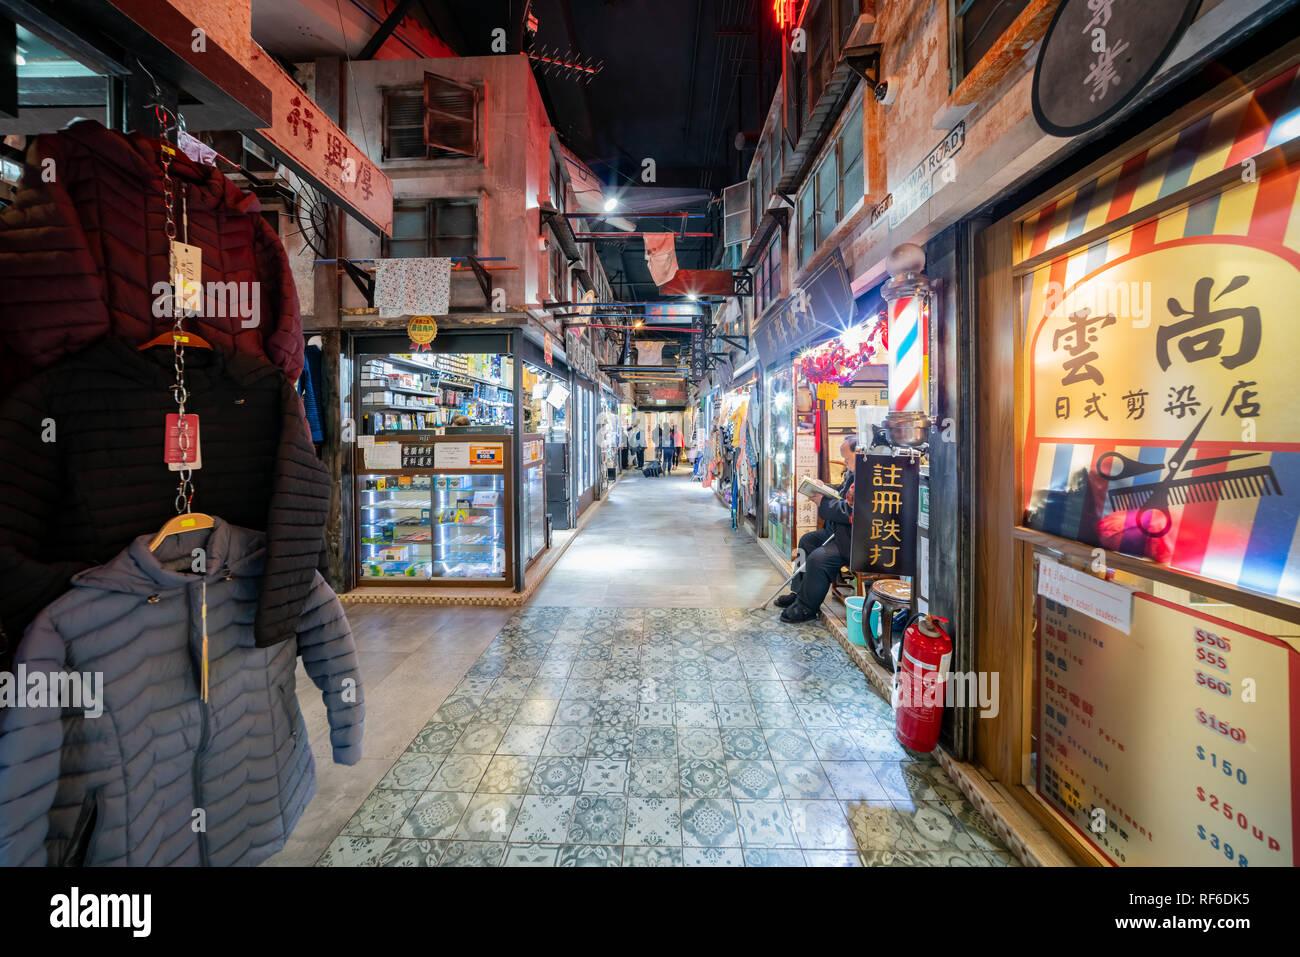 Hong Kong, DEC 31: Interior view of the Hong Kong Market - Yat Tung on DEC 31, 2018 at Hong Kong - Stock Image